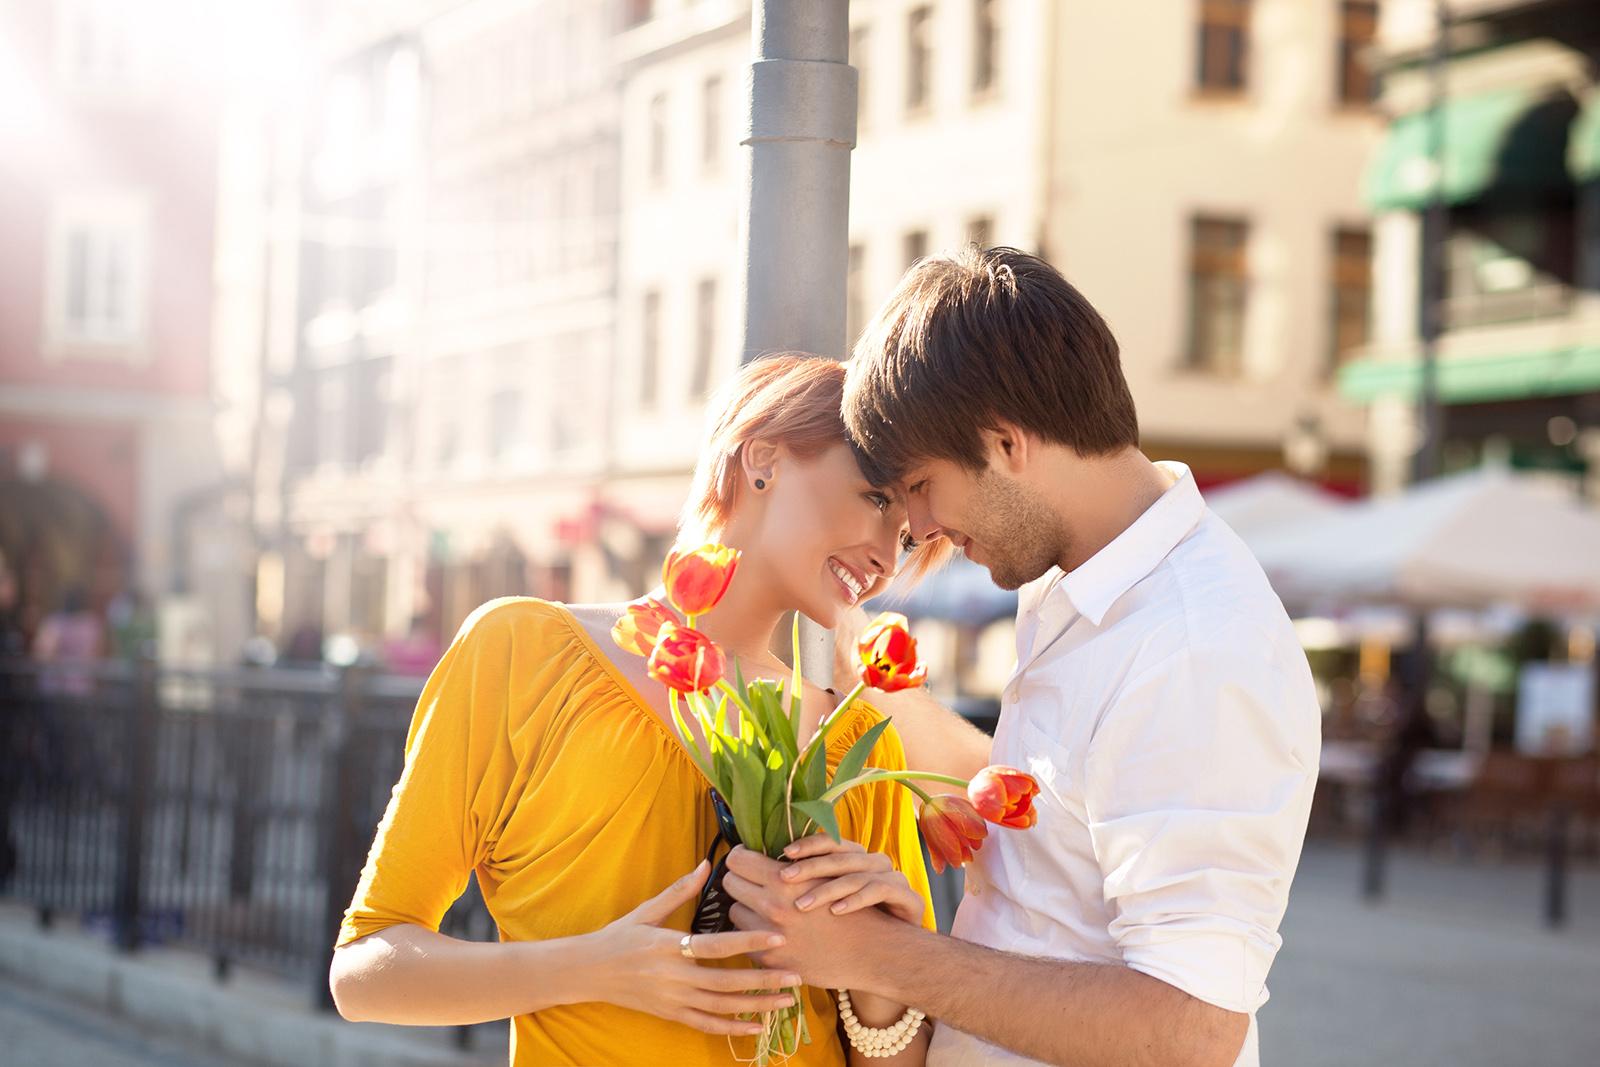 шлюхиобнажаются позируют первая любовь молодой девушки нашем каталоге собраны